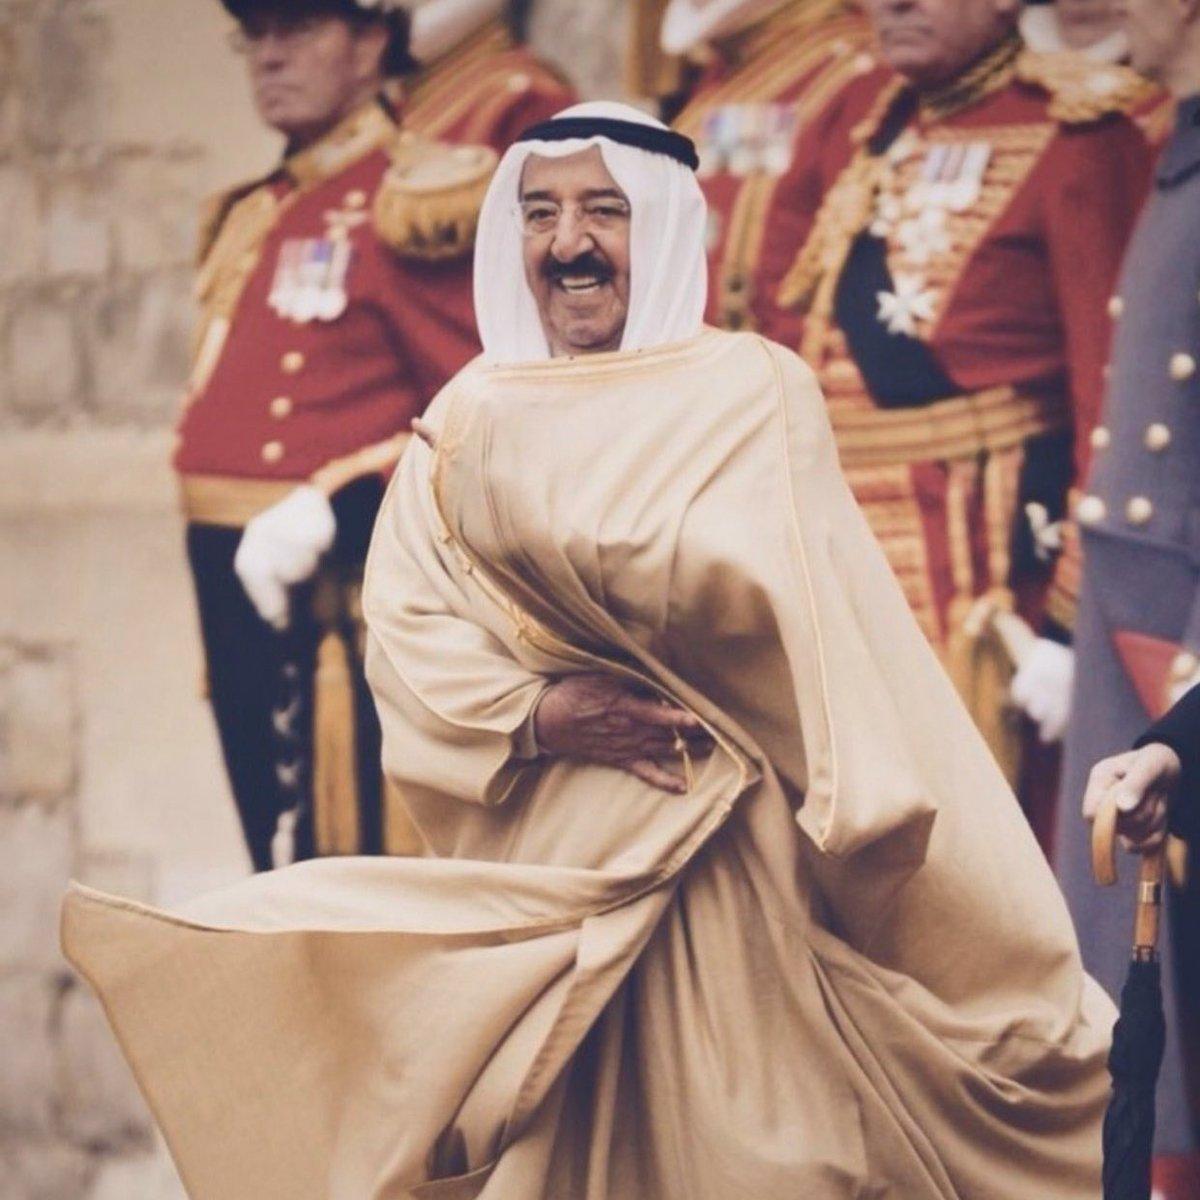 اللهم ألبسه ثوب الصحة و العافية   #صباح_الاحمد_الصباح  #الديوان_الأميري https://t.co/Bx5vTCkj32